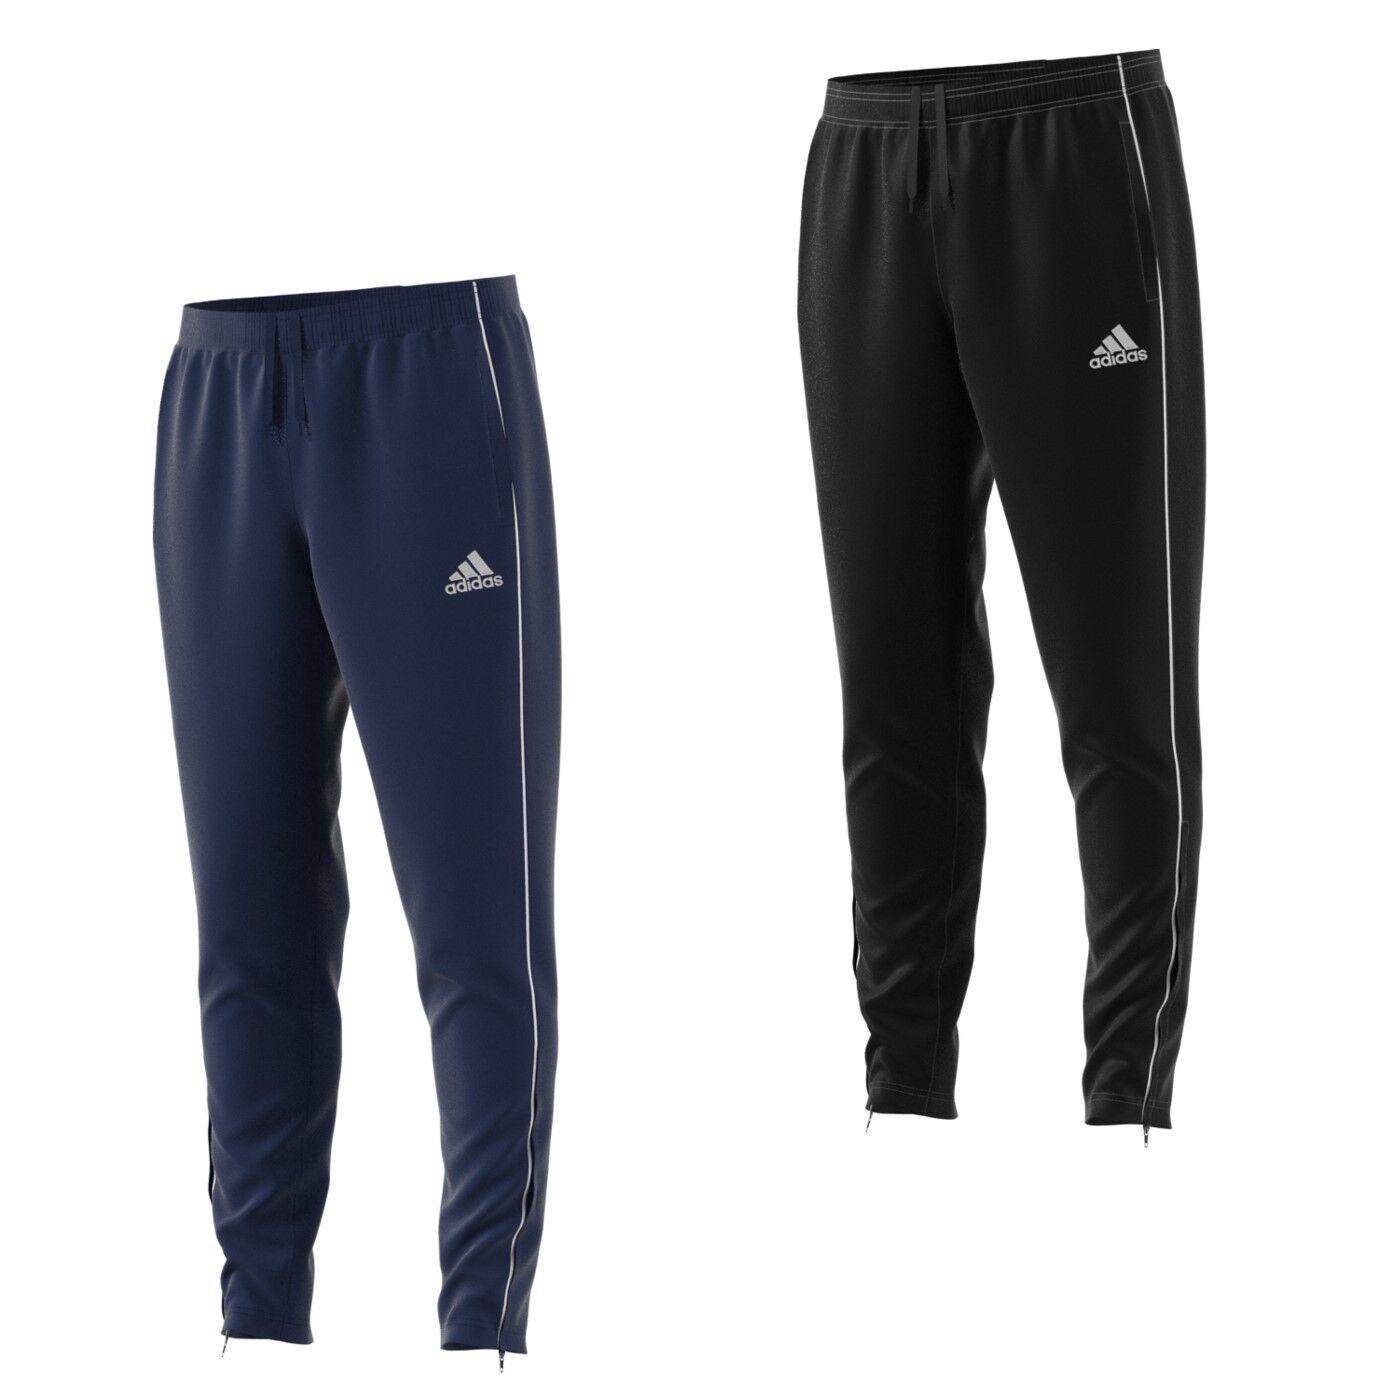 adidas Jogging Hose Herren Fußball Trainingshose lang verschließbaren Taschen